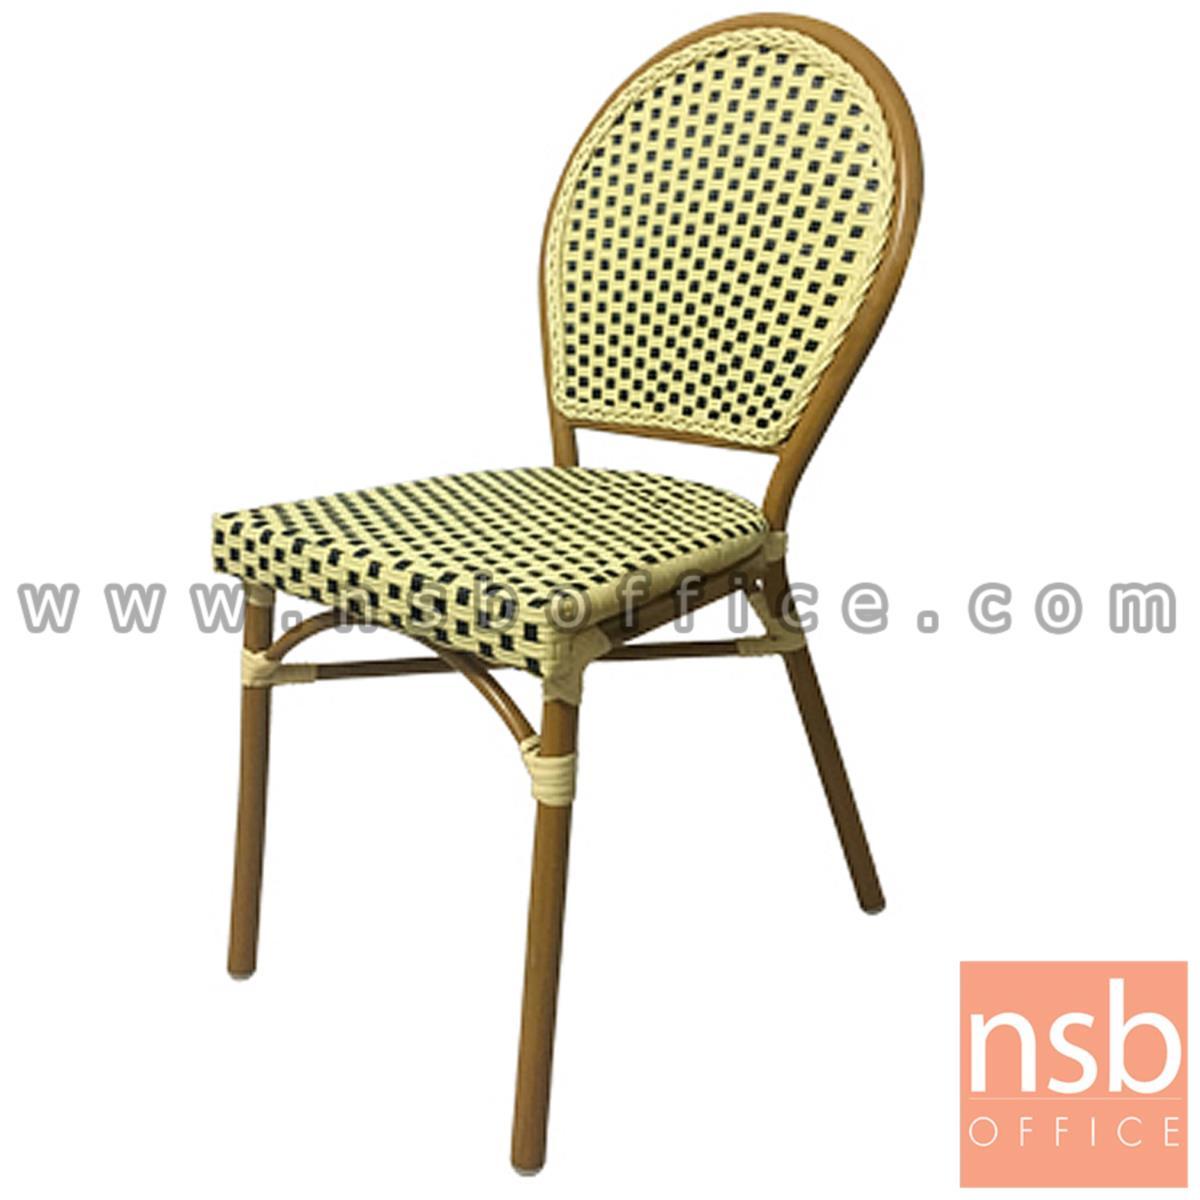 G08A241:เก้าอี้สนามหวายเทียมสาน รุ่น General lite ไม่มีท้าวแขน (ใช้กับโต๊ะหวายฯ รุ่น G08A235)